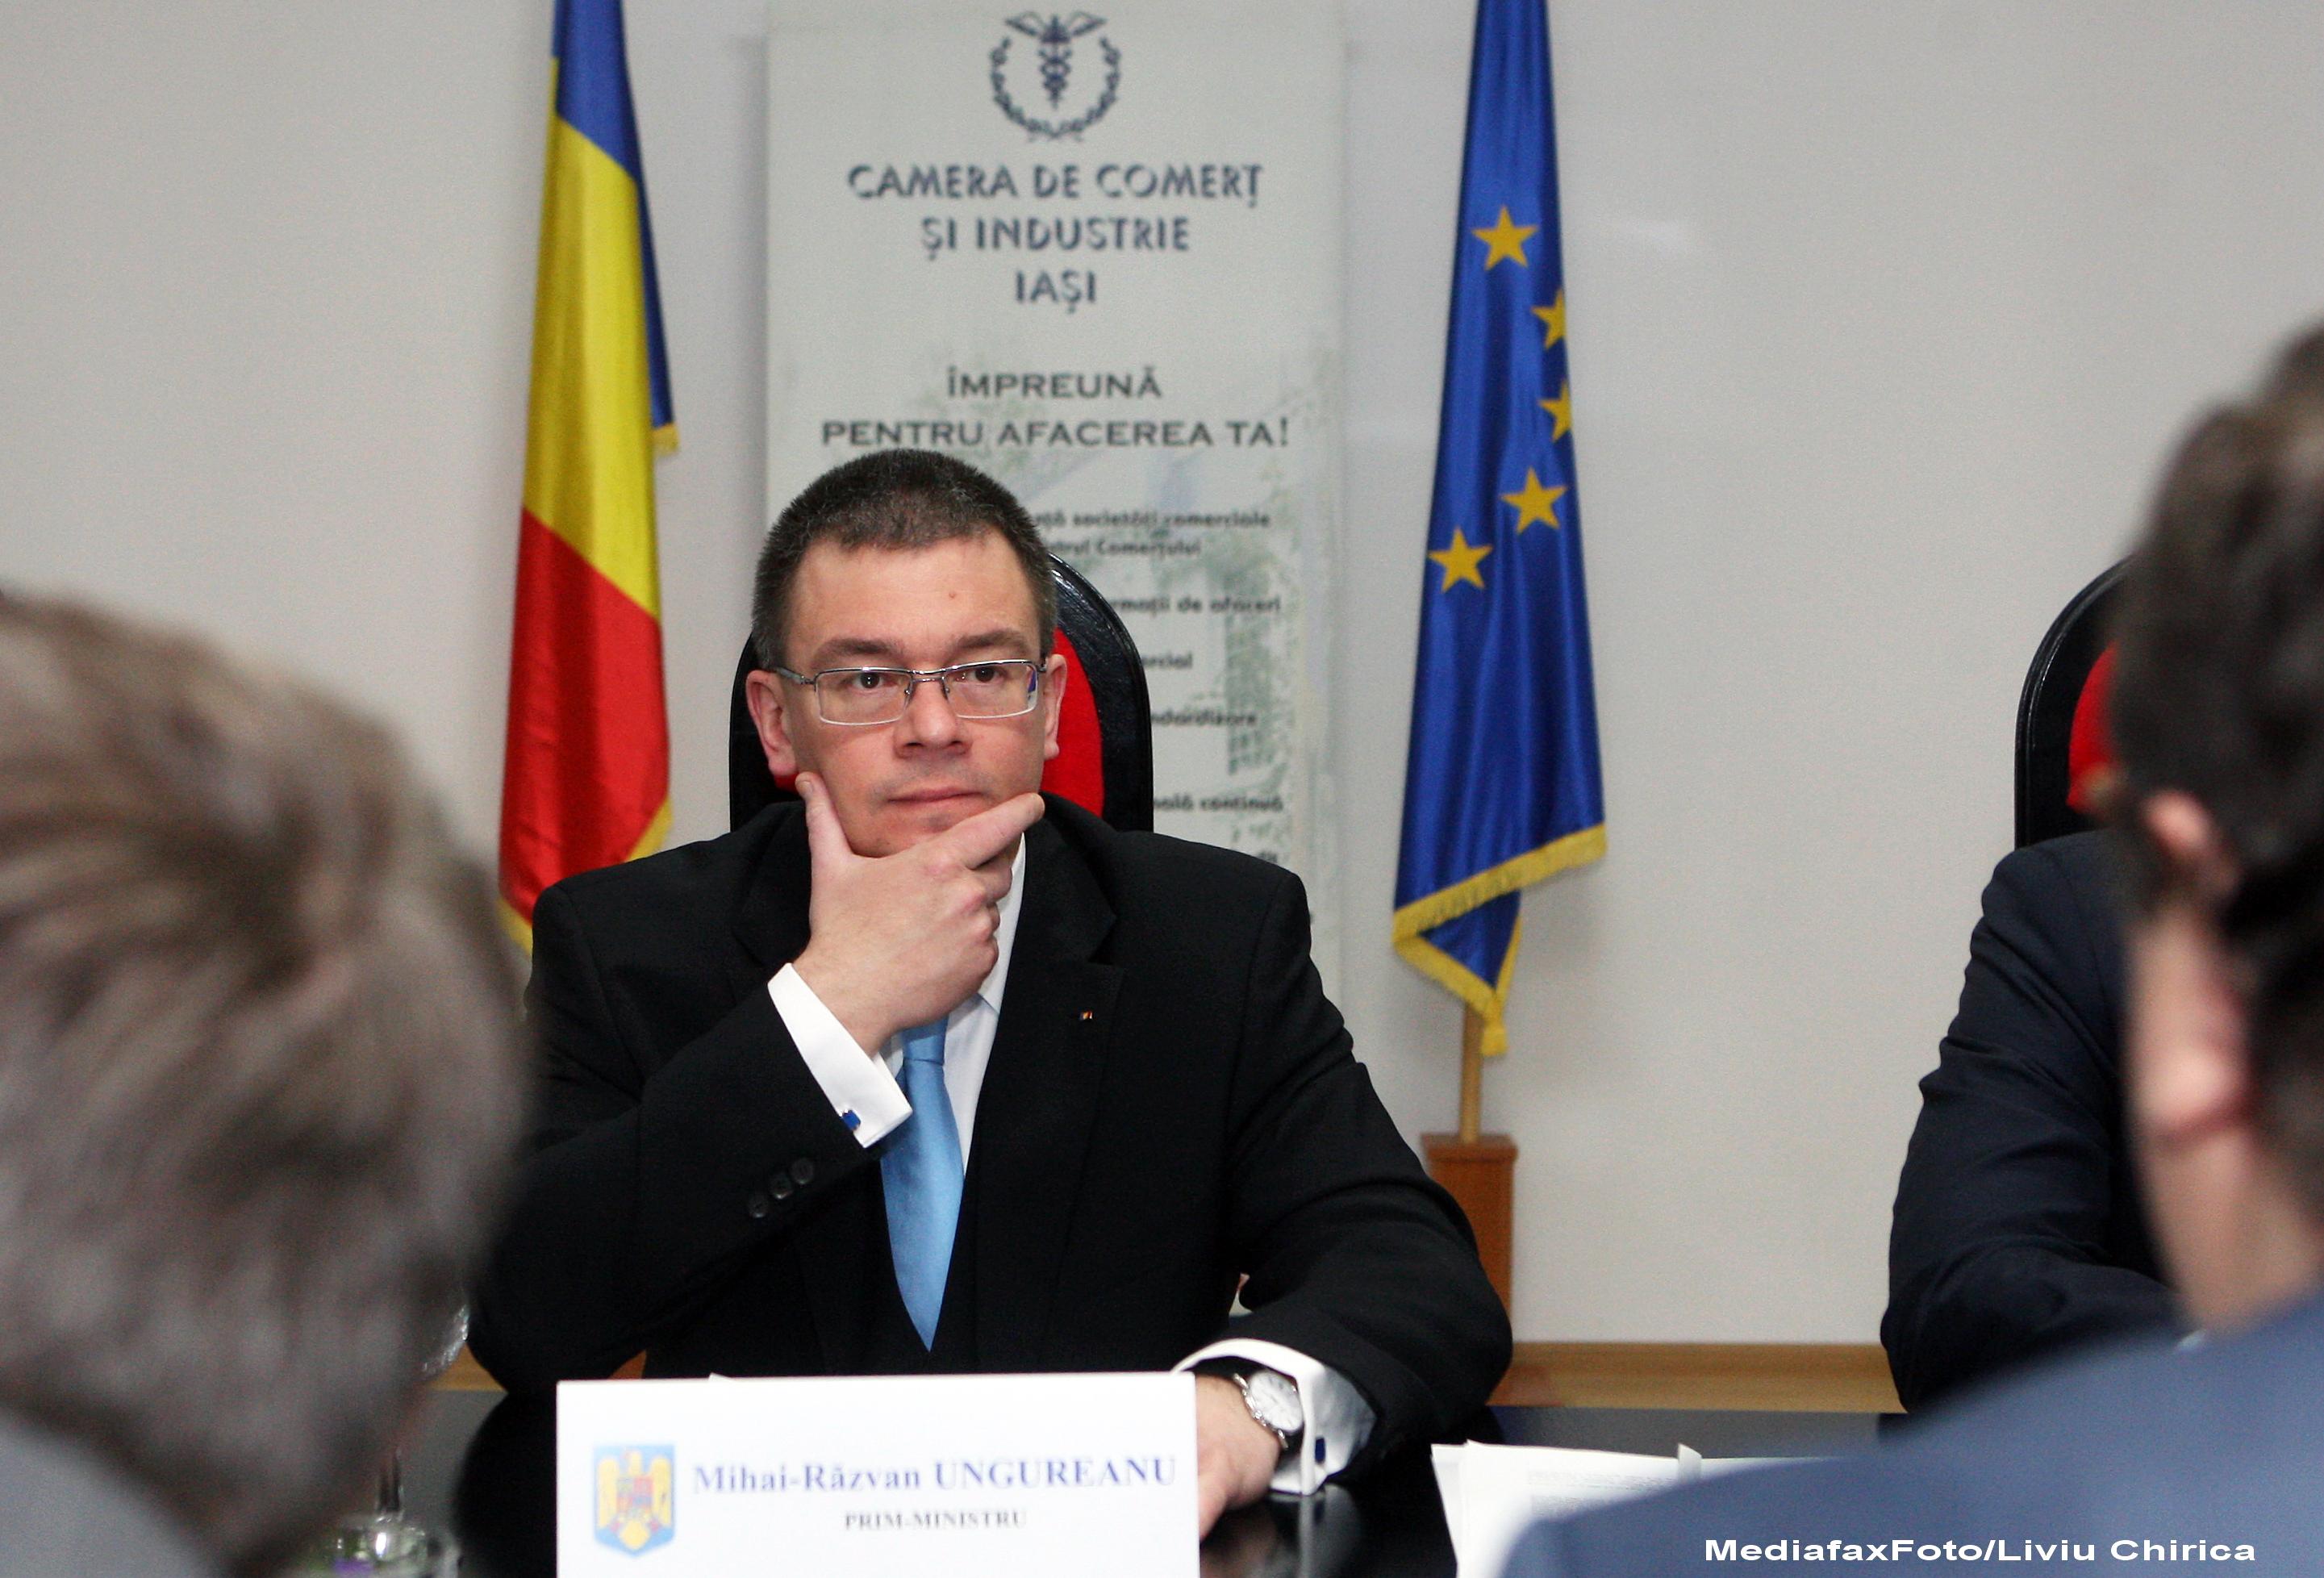 Alegeri prezidentiale 2014. Ungureanu, pe locul 2 in sondajele dreptei, dupa Iohannis: